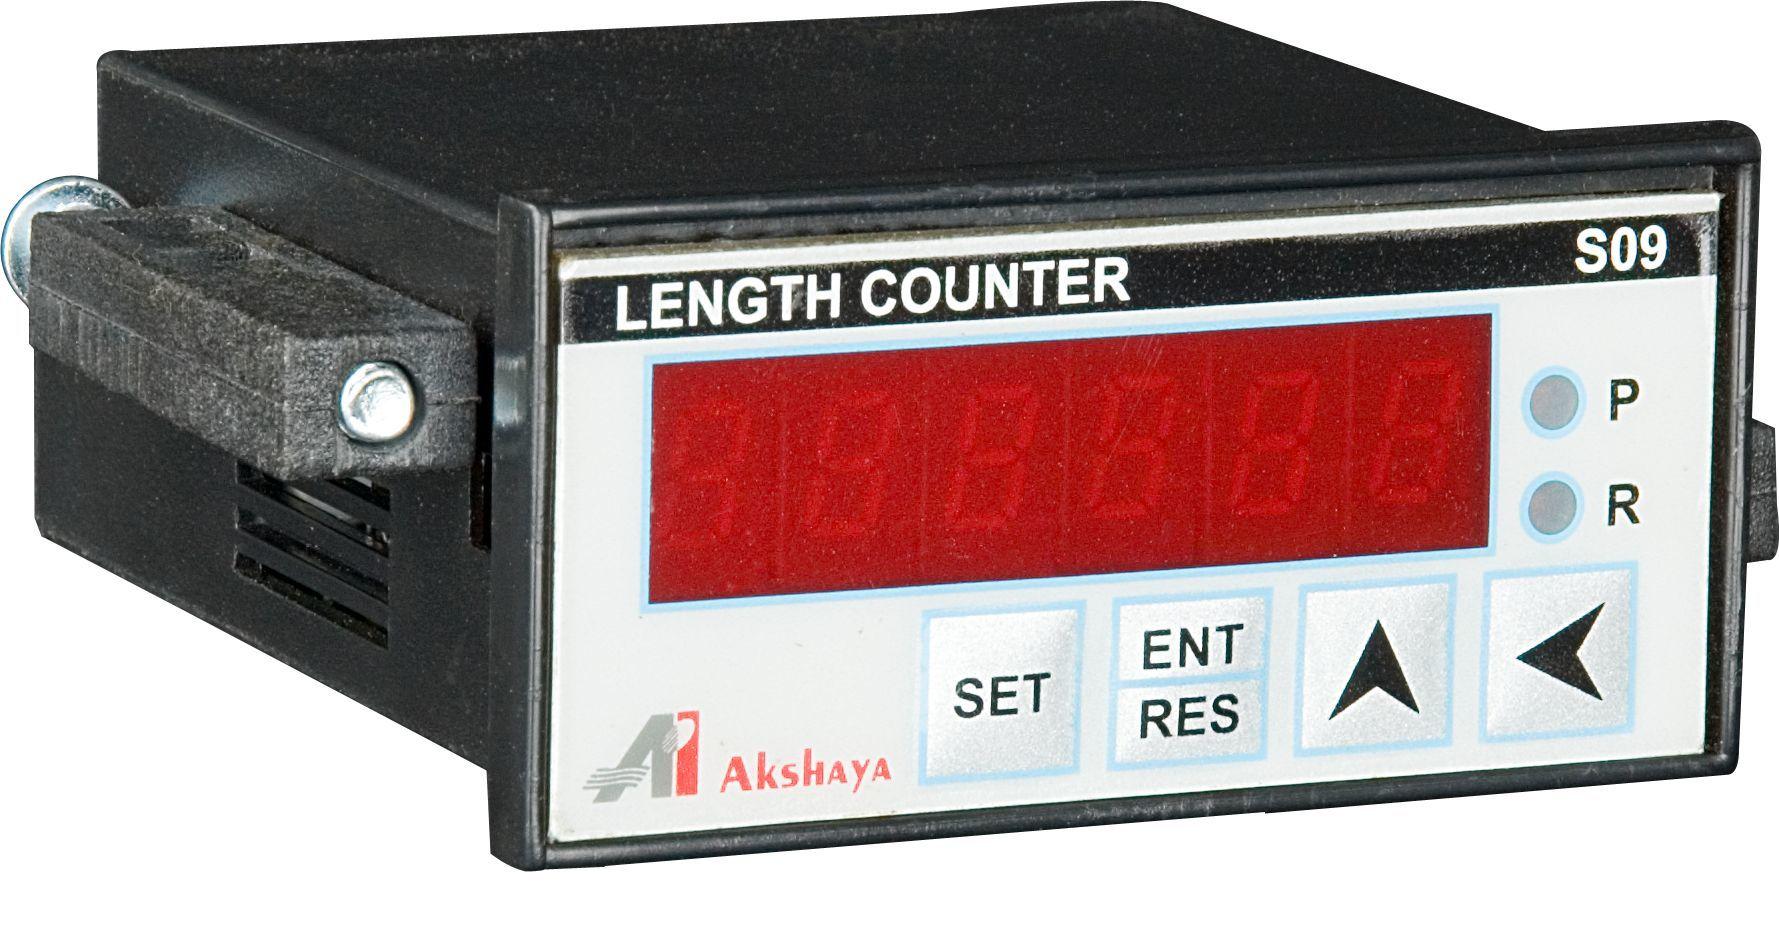 Preset counters